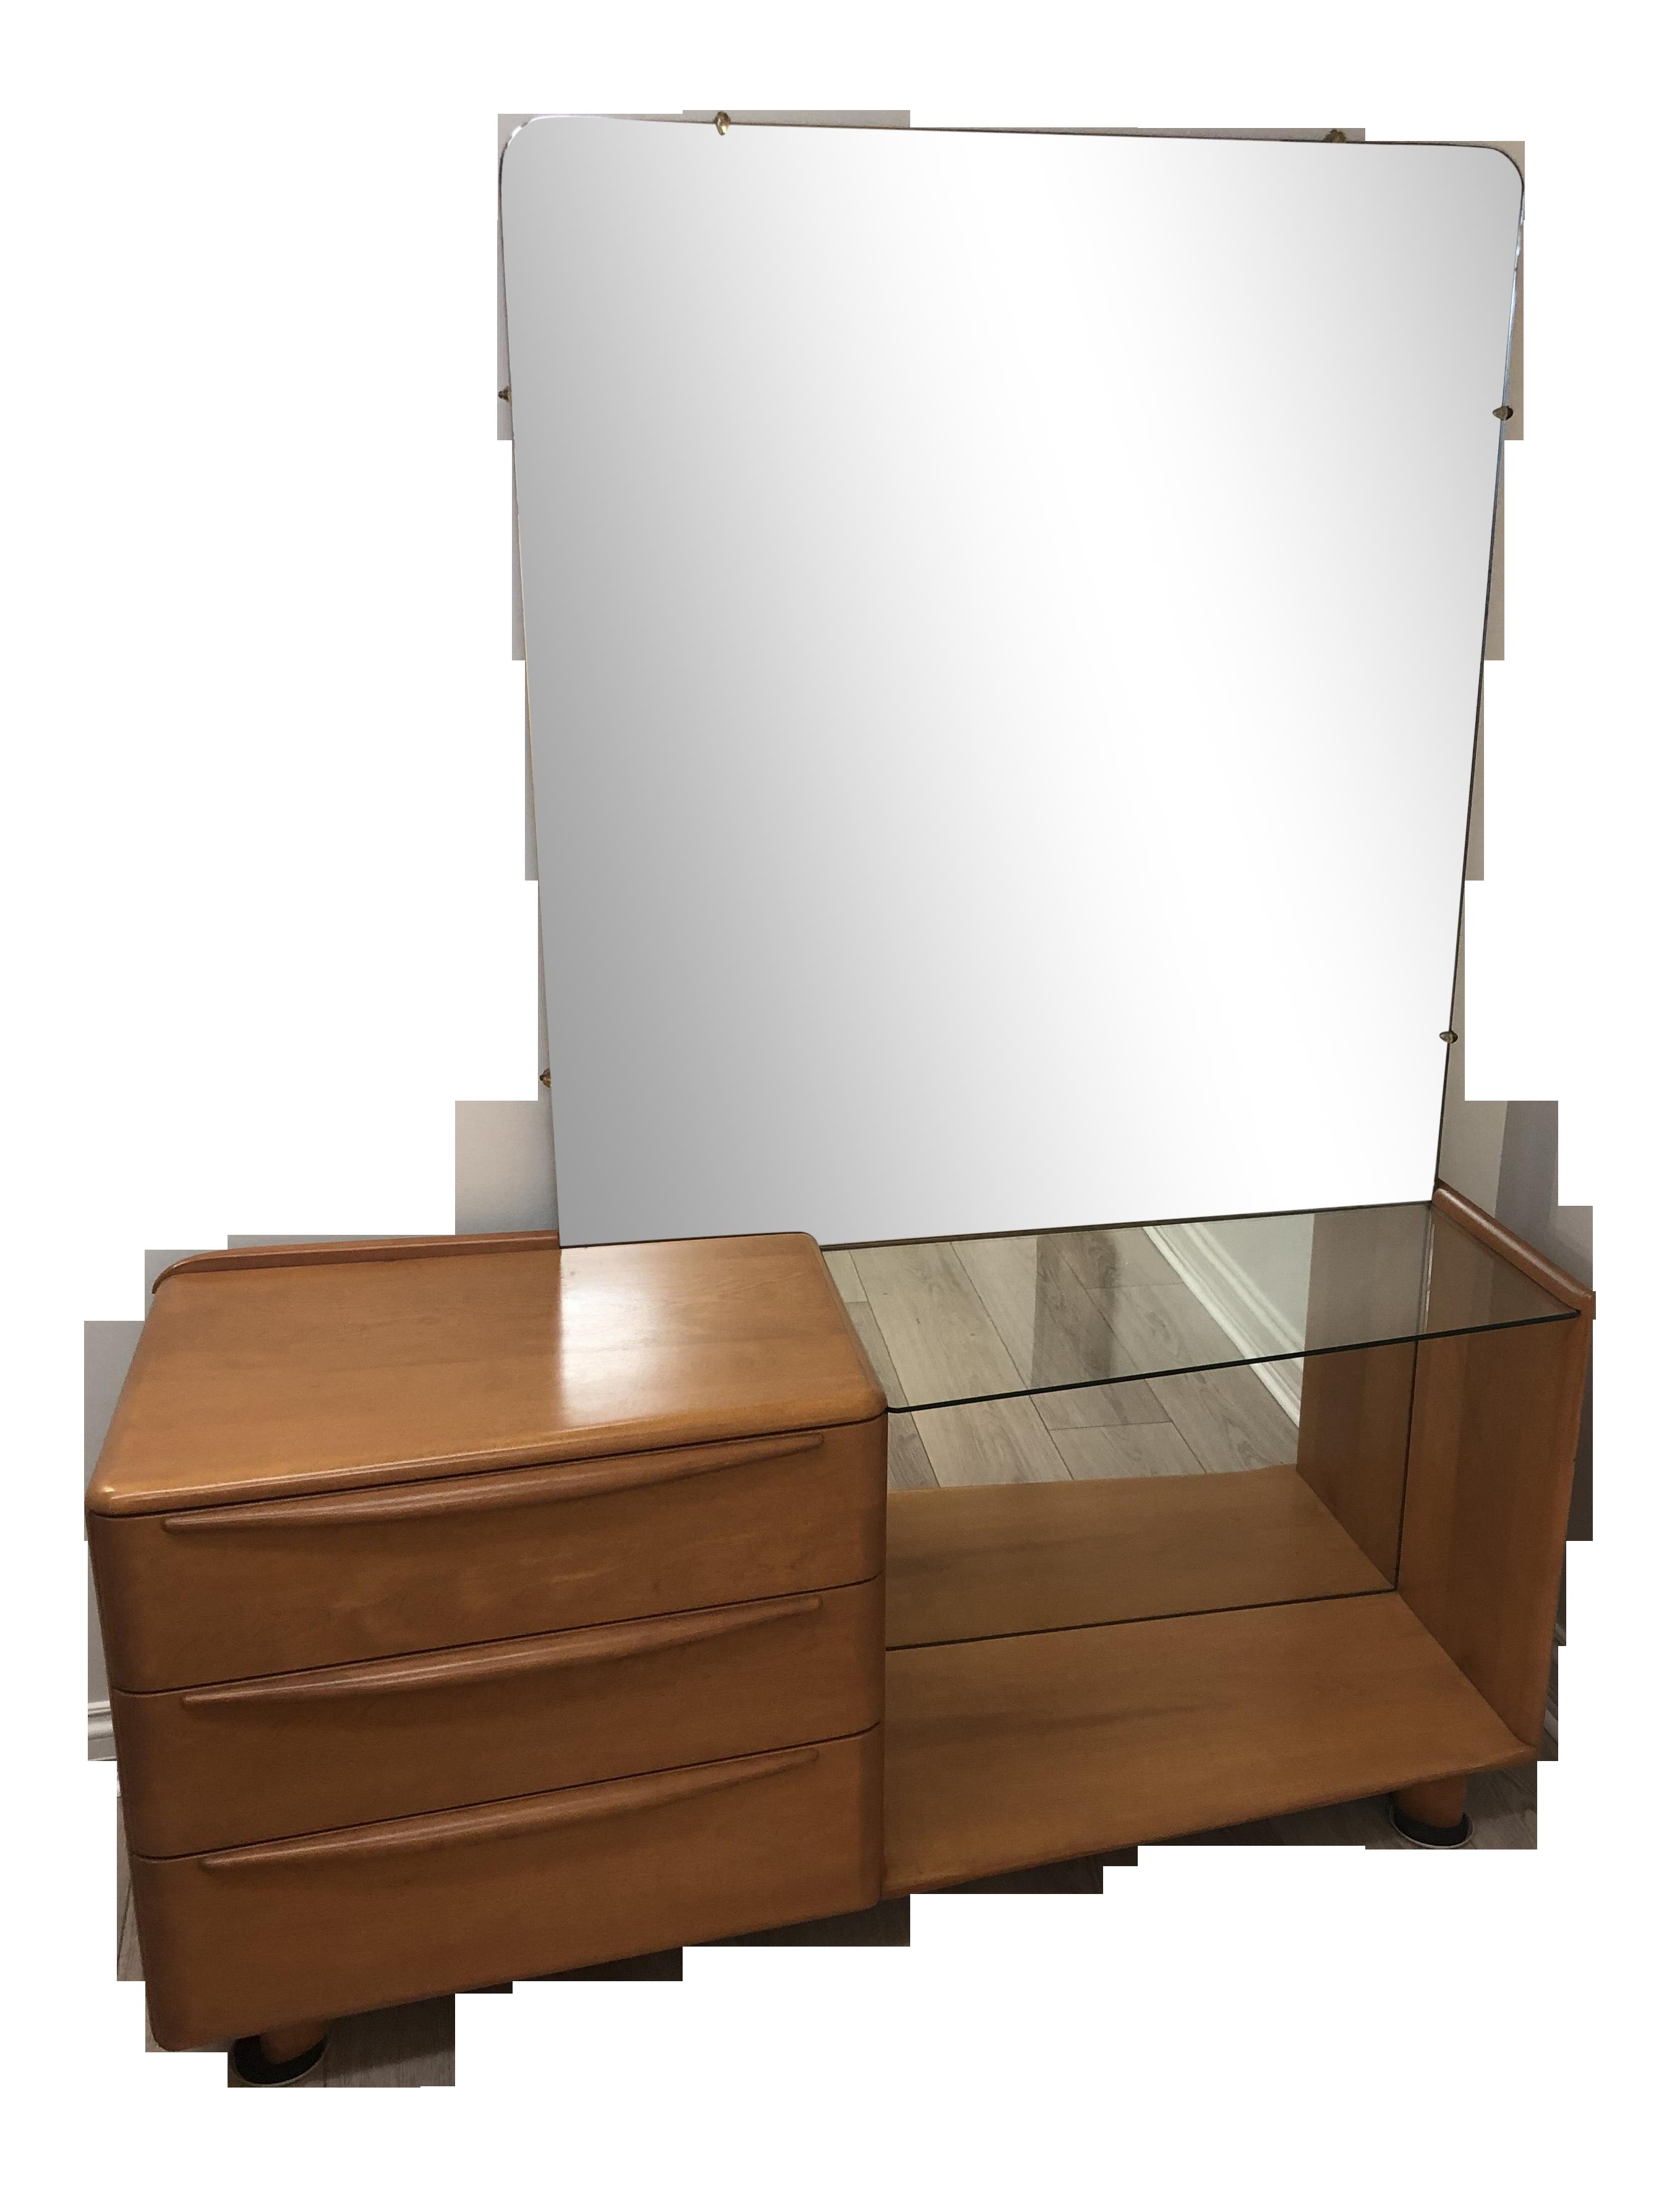 Picture of: Heywood Wakefield Mid Century Modern Vanity Chairish